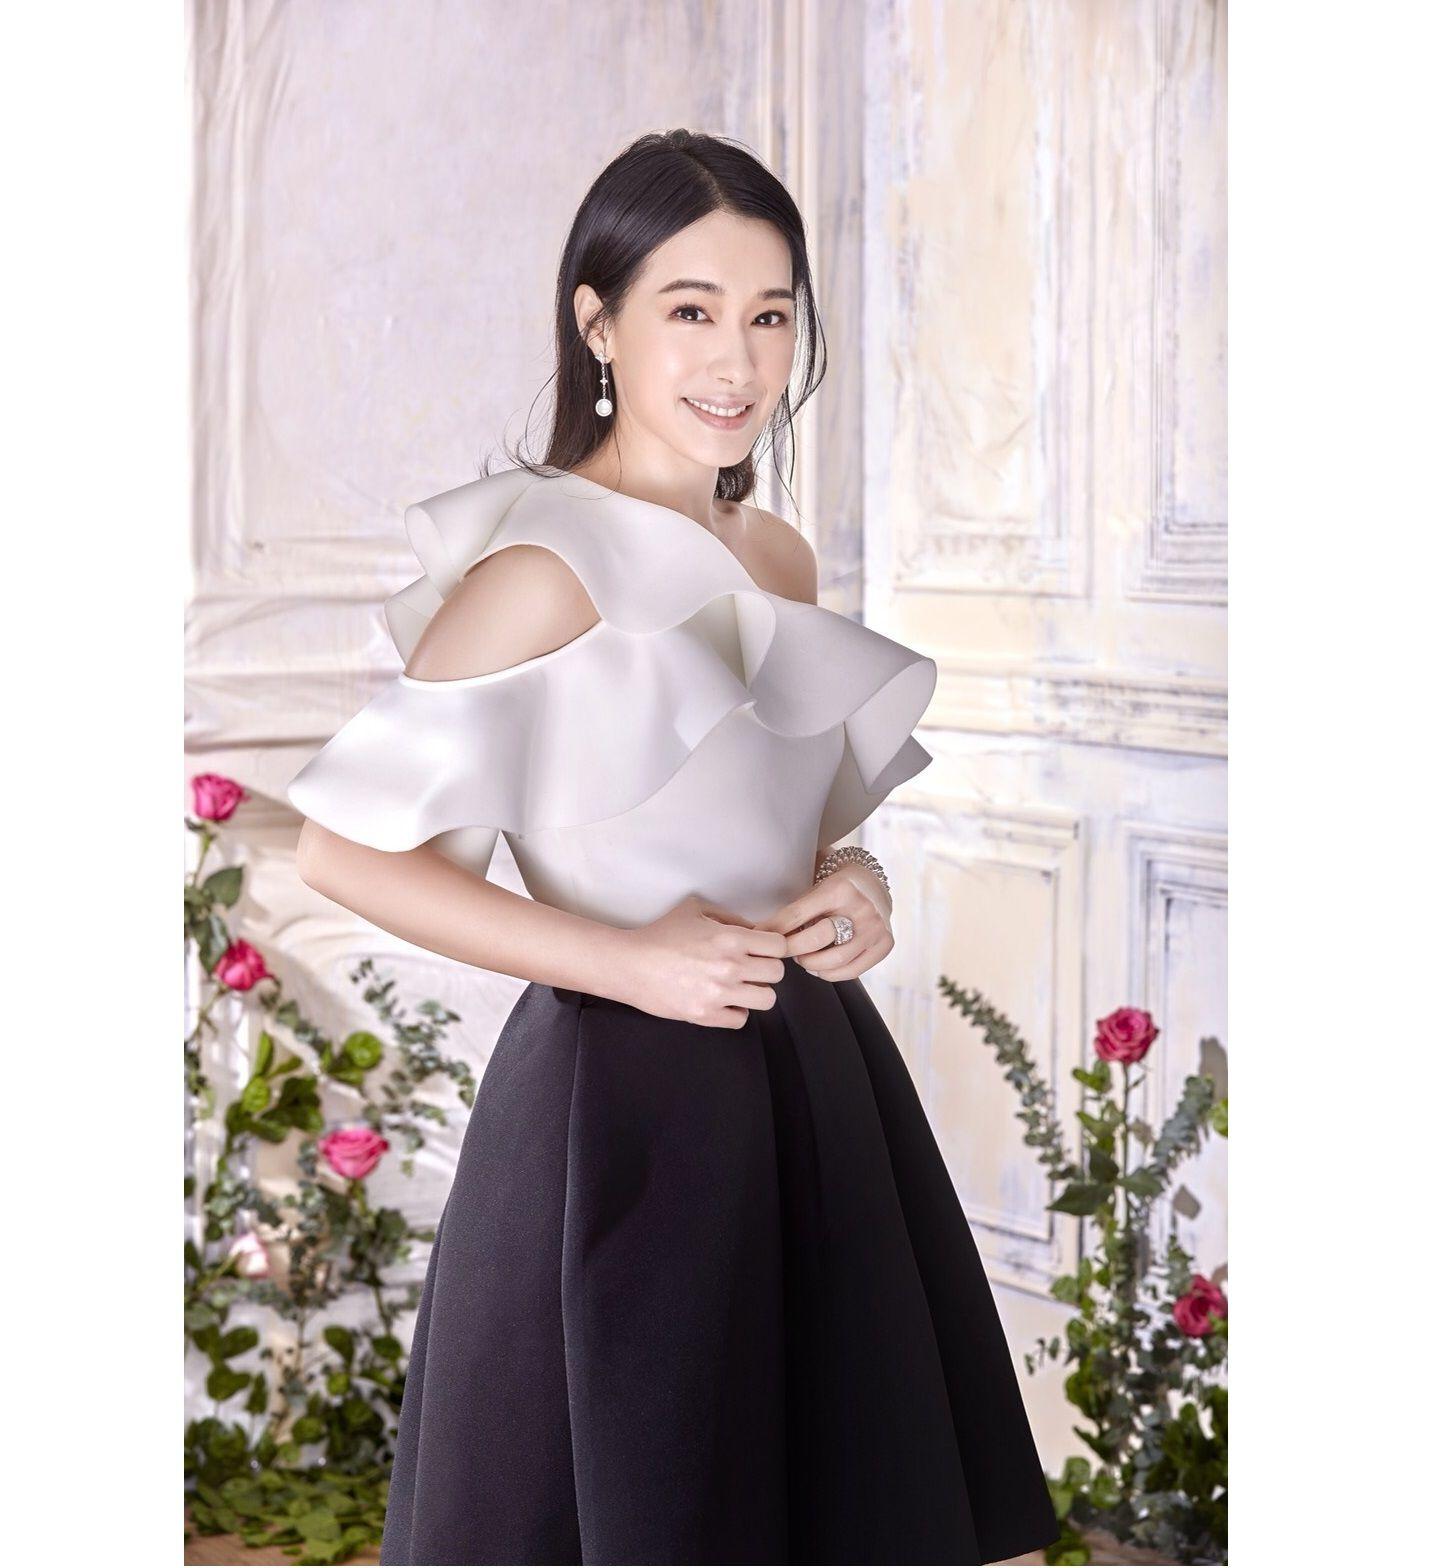 陳妍嵐用花妝點生活 打造完美女人